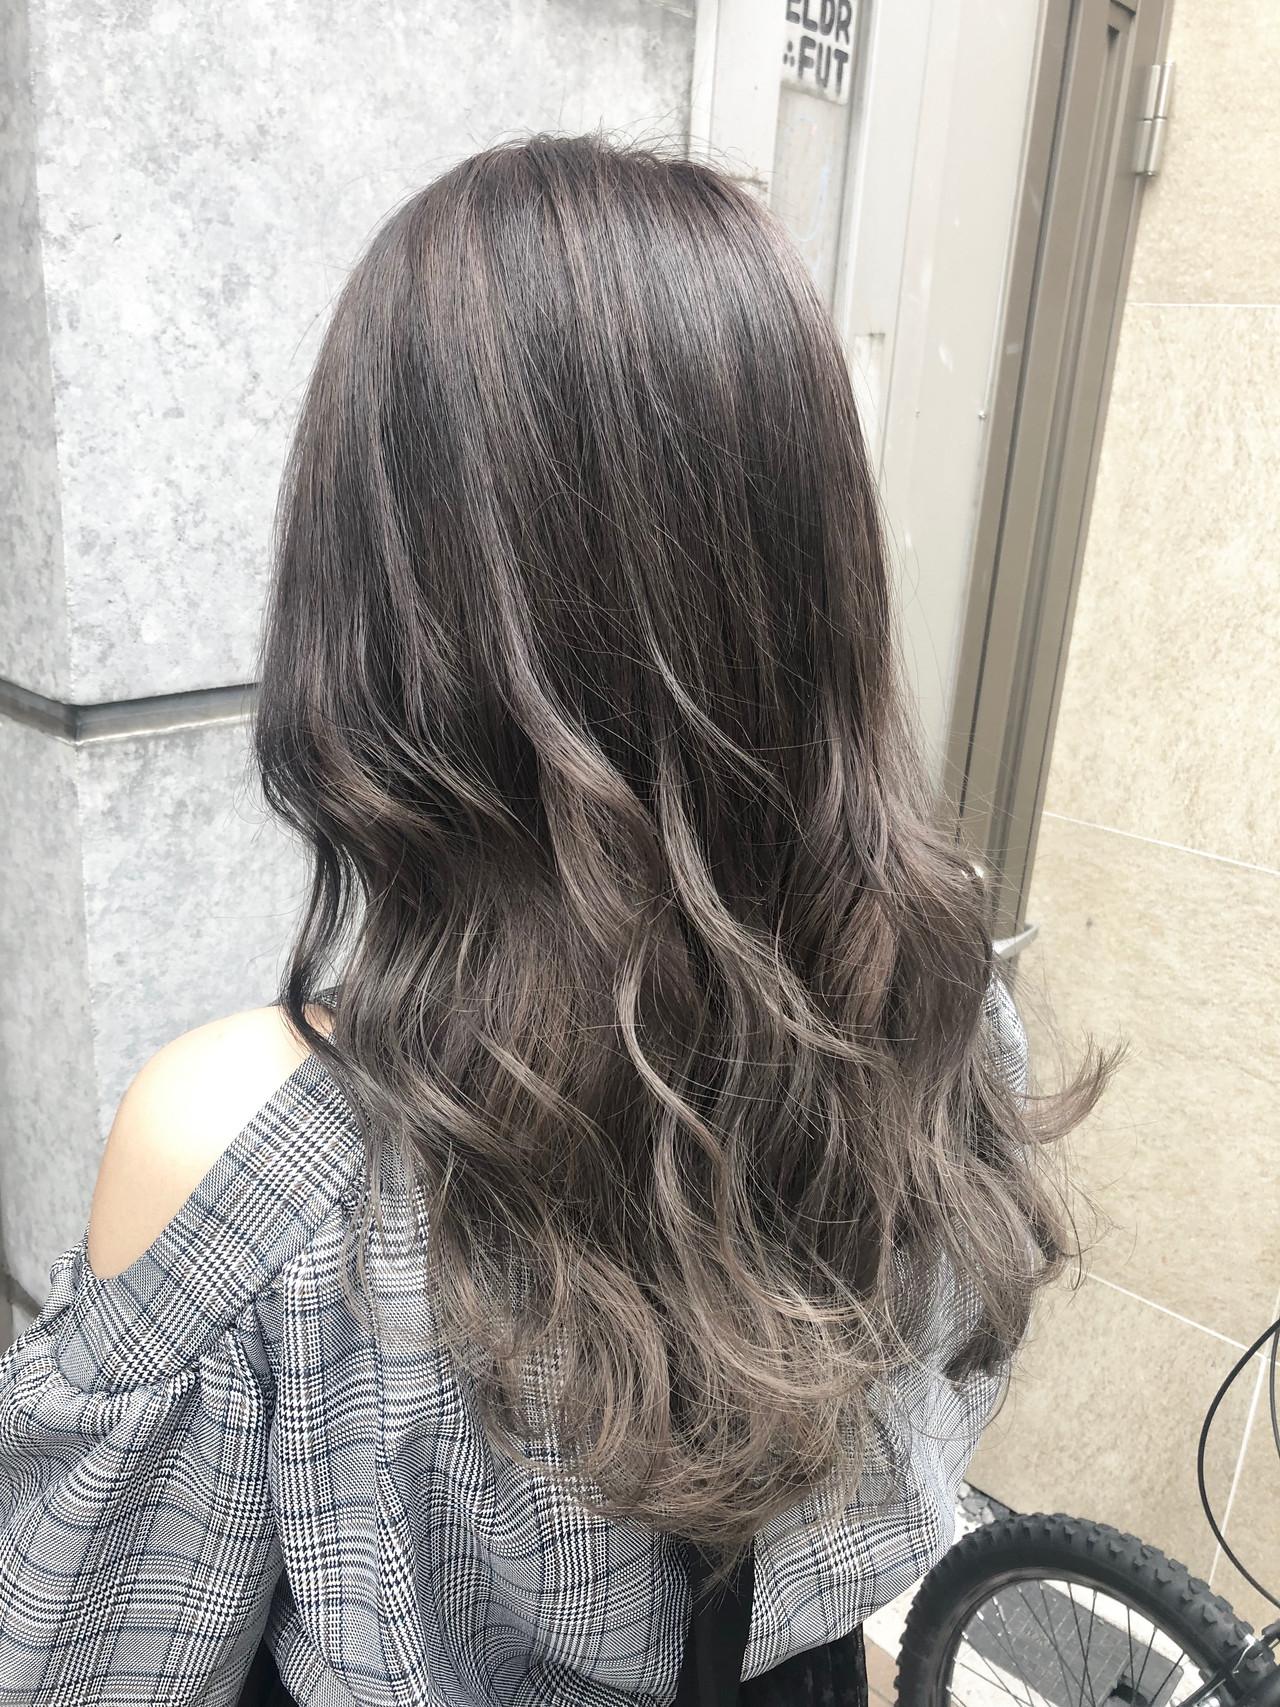 ブリーチカラー 外国人風カラー ミディアム ハイトーンカラー ヘアスタイルや髪型の写真・画像